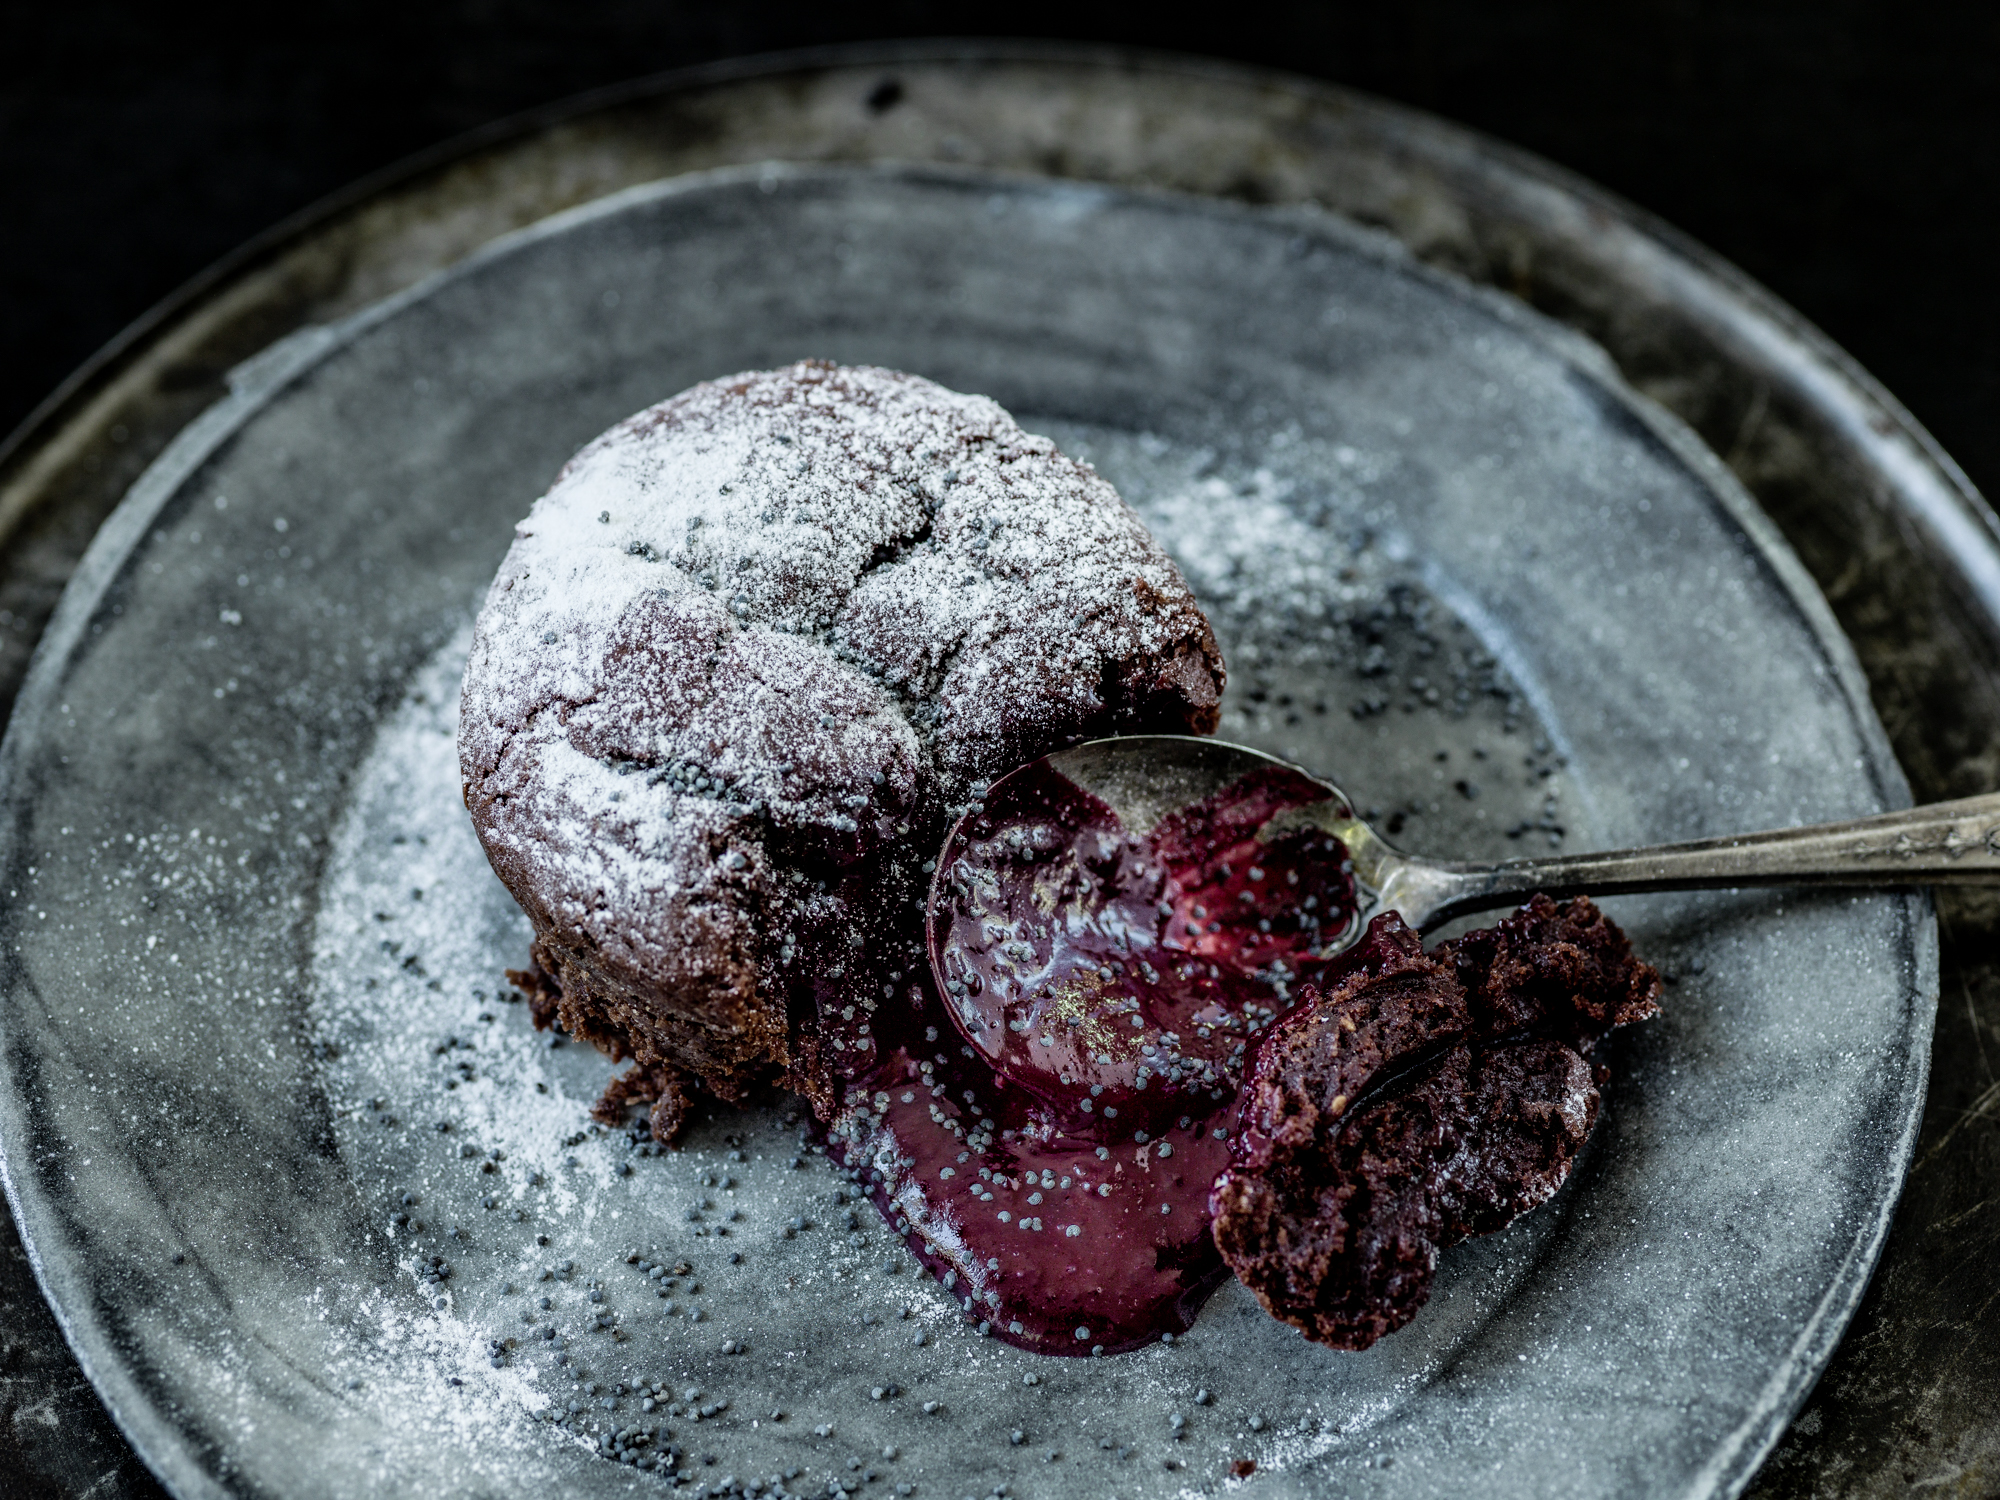 Food Fotoshooting | Stefan Schmidlin Fotografie Basel, Bild -5.jpg